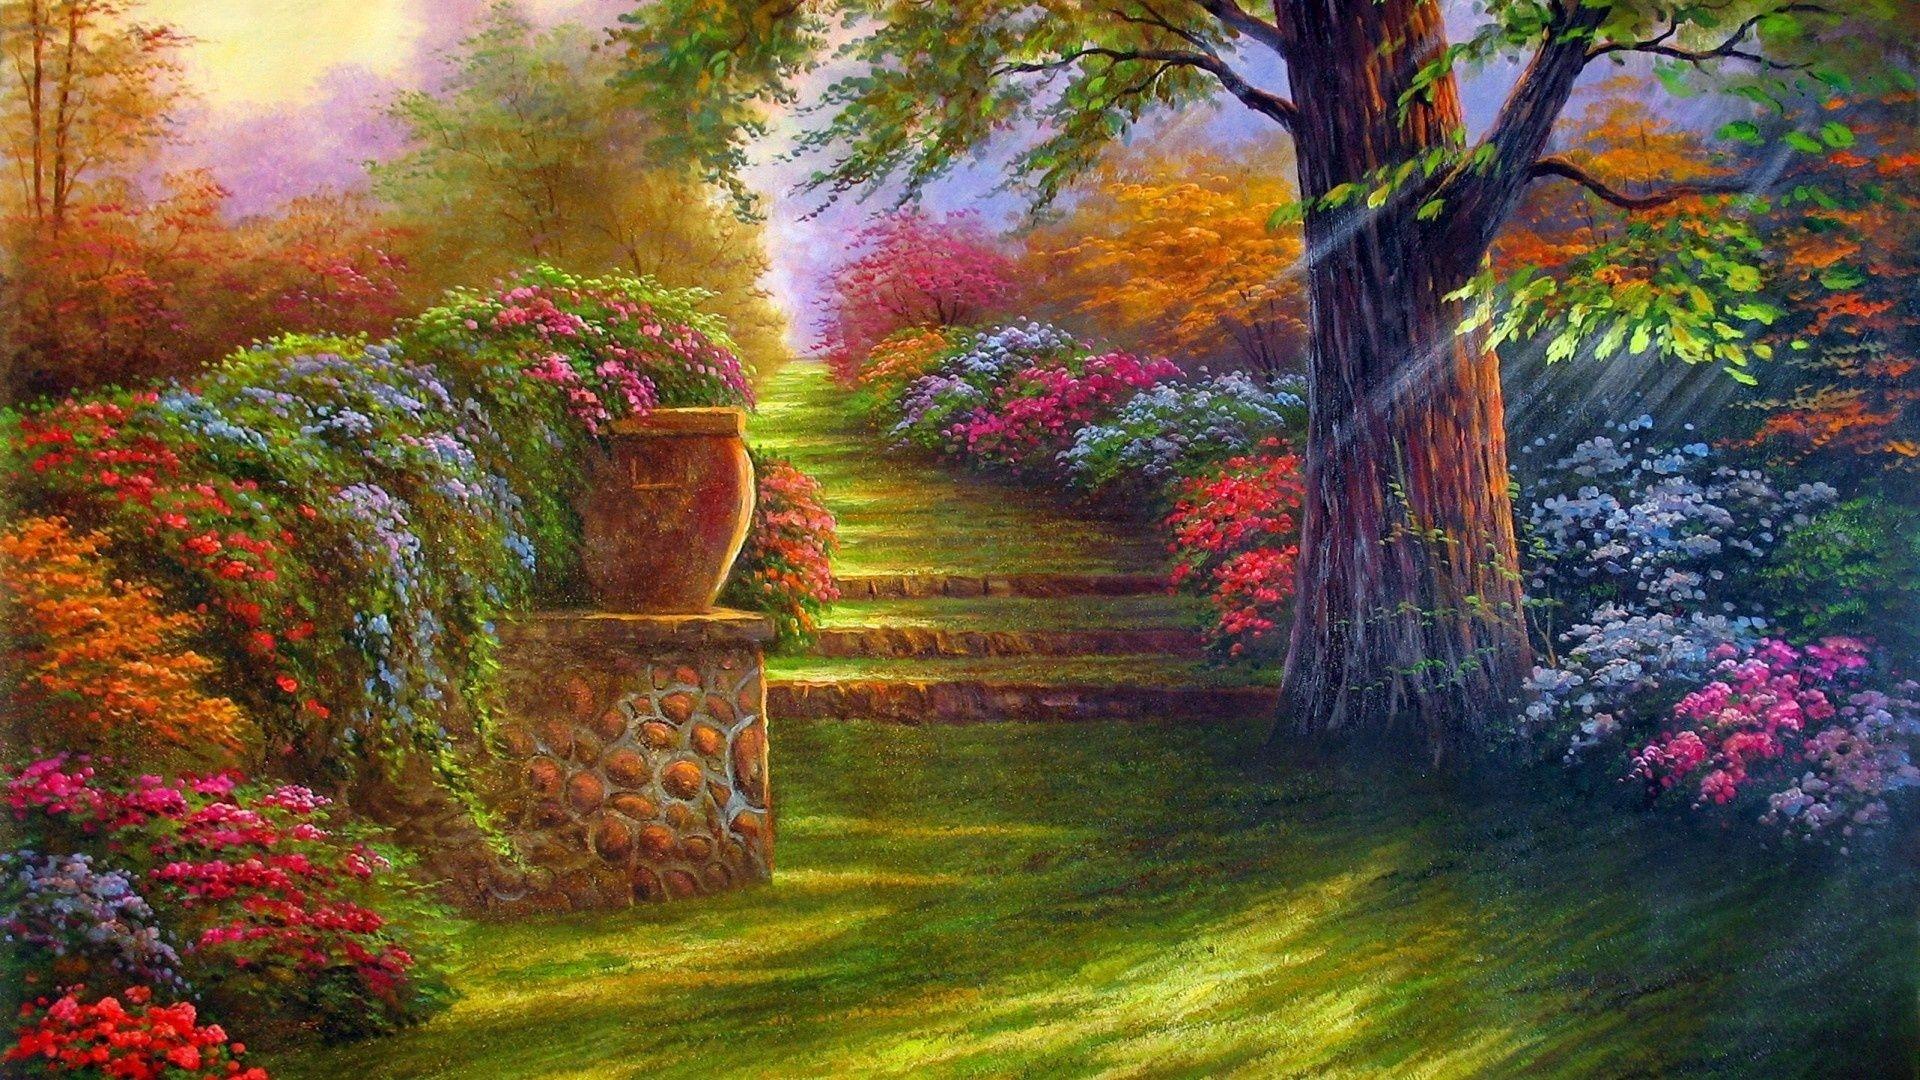 Garden Art wallpaper for pc